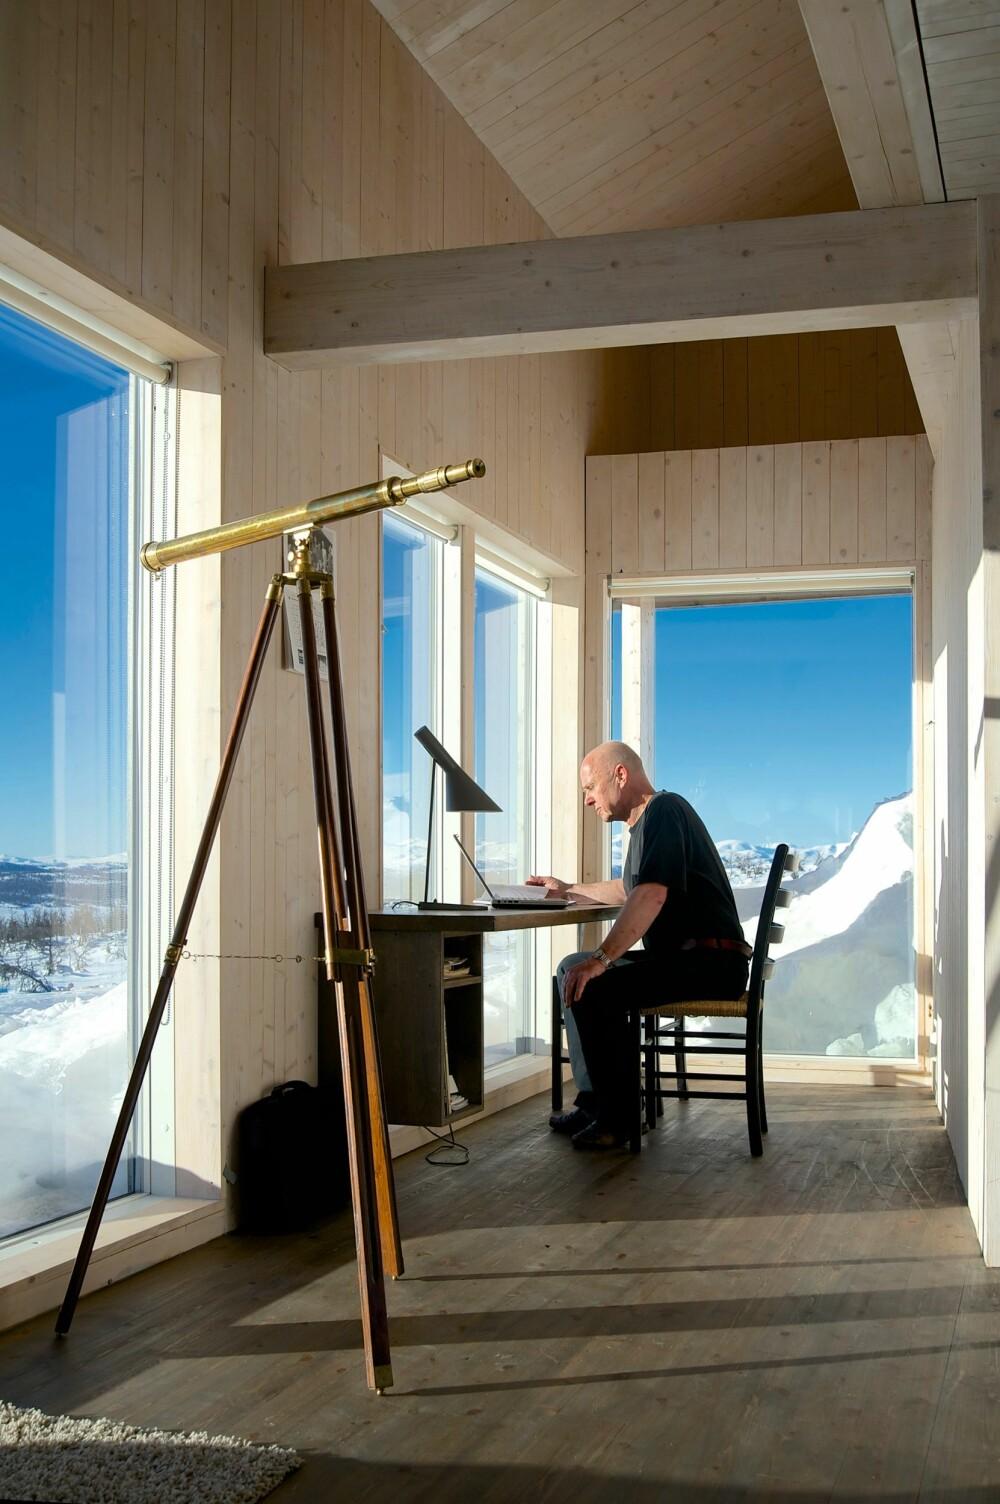 HYTTEKONTOR: Svein Ringstad benytter seg ofte av den lille avdelingen like ved det åpne kjøkkenet til hjemmekontor. Her han en enorm utsikt over landskapet i sørvest.